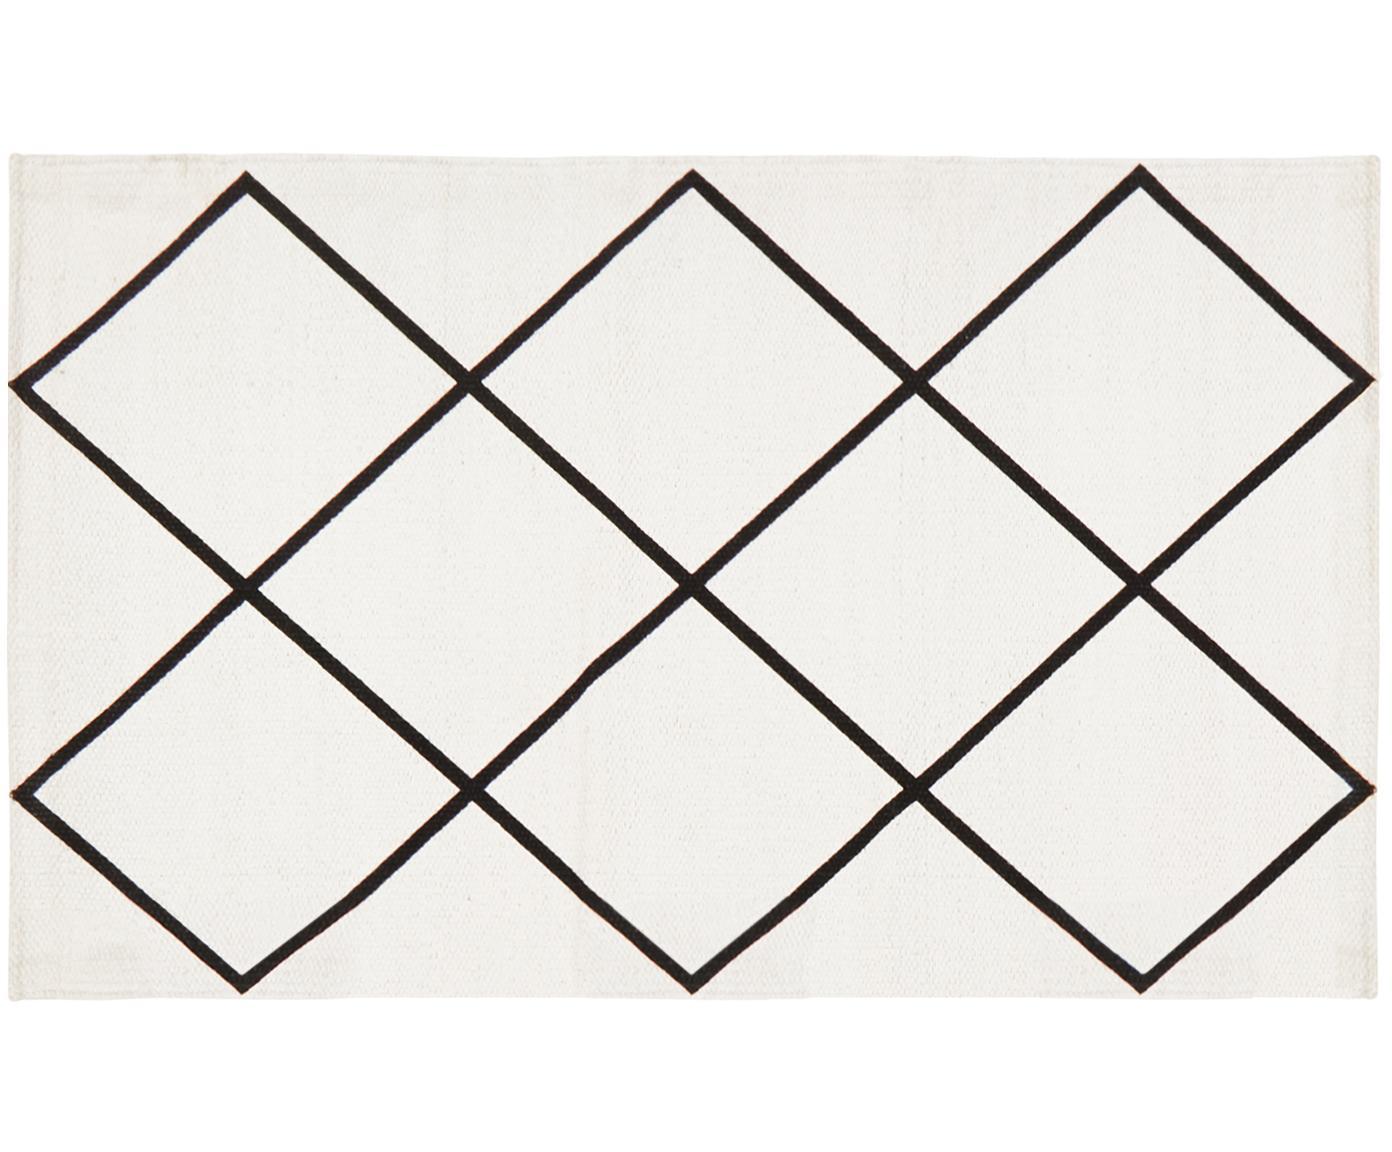 Tappeto in cotone tessuto a mano Farah, 100% cotone, Bianco crema, nero, Larg. 50 x Lung. 80 cm (taglia XXS)